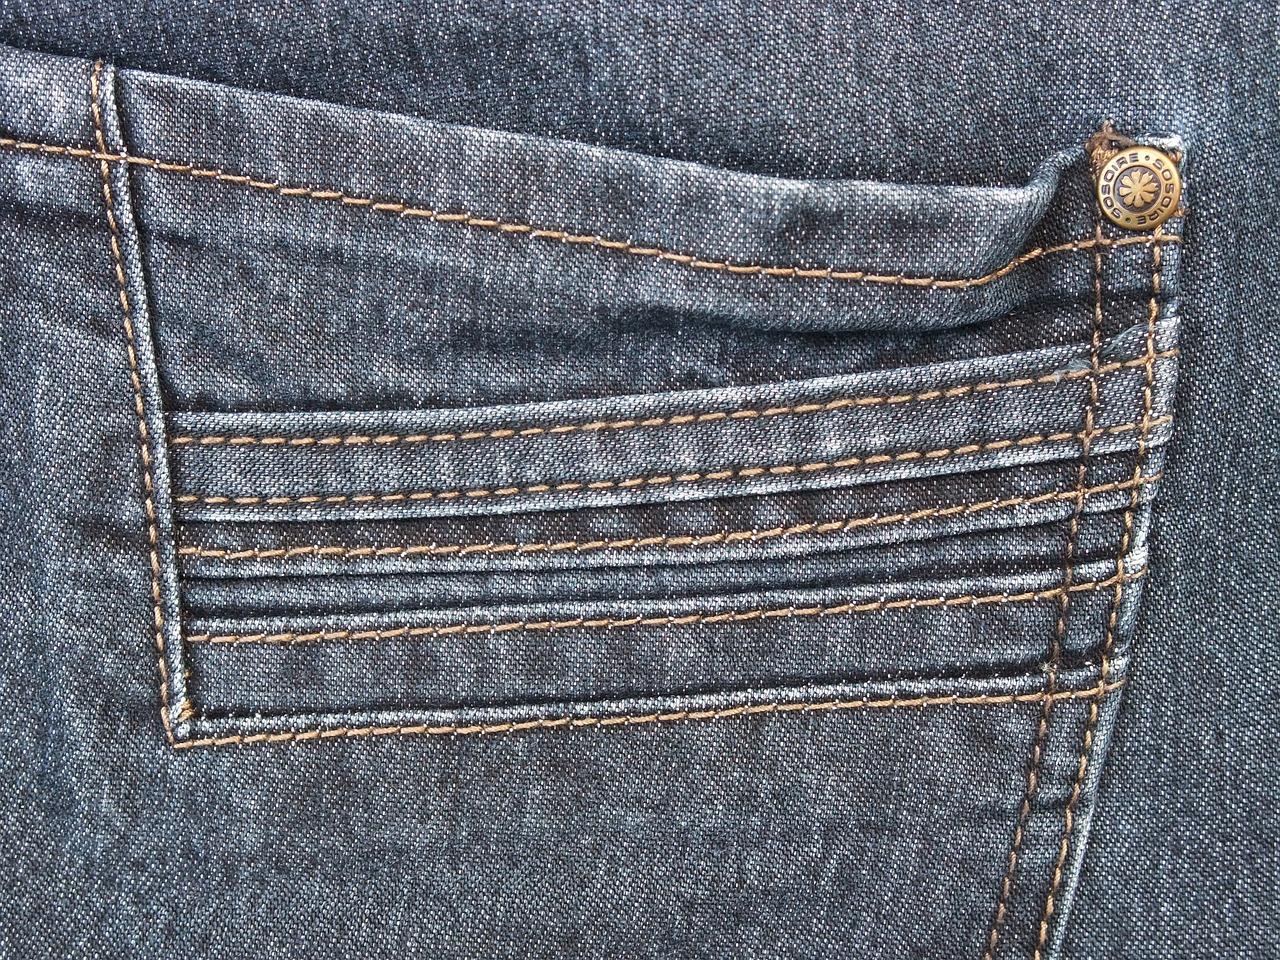 broekzak van een spijkerbroek